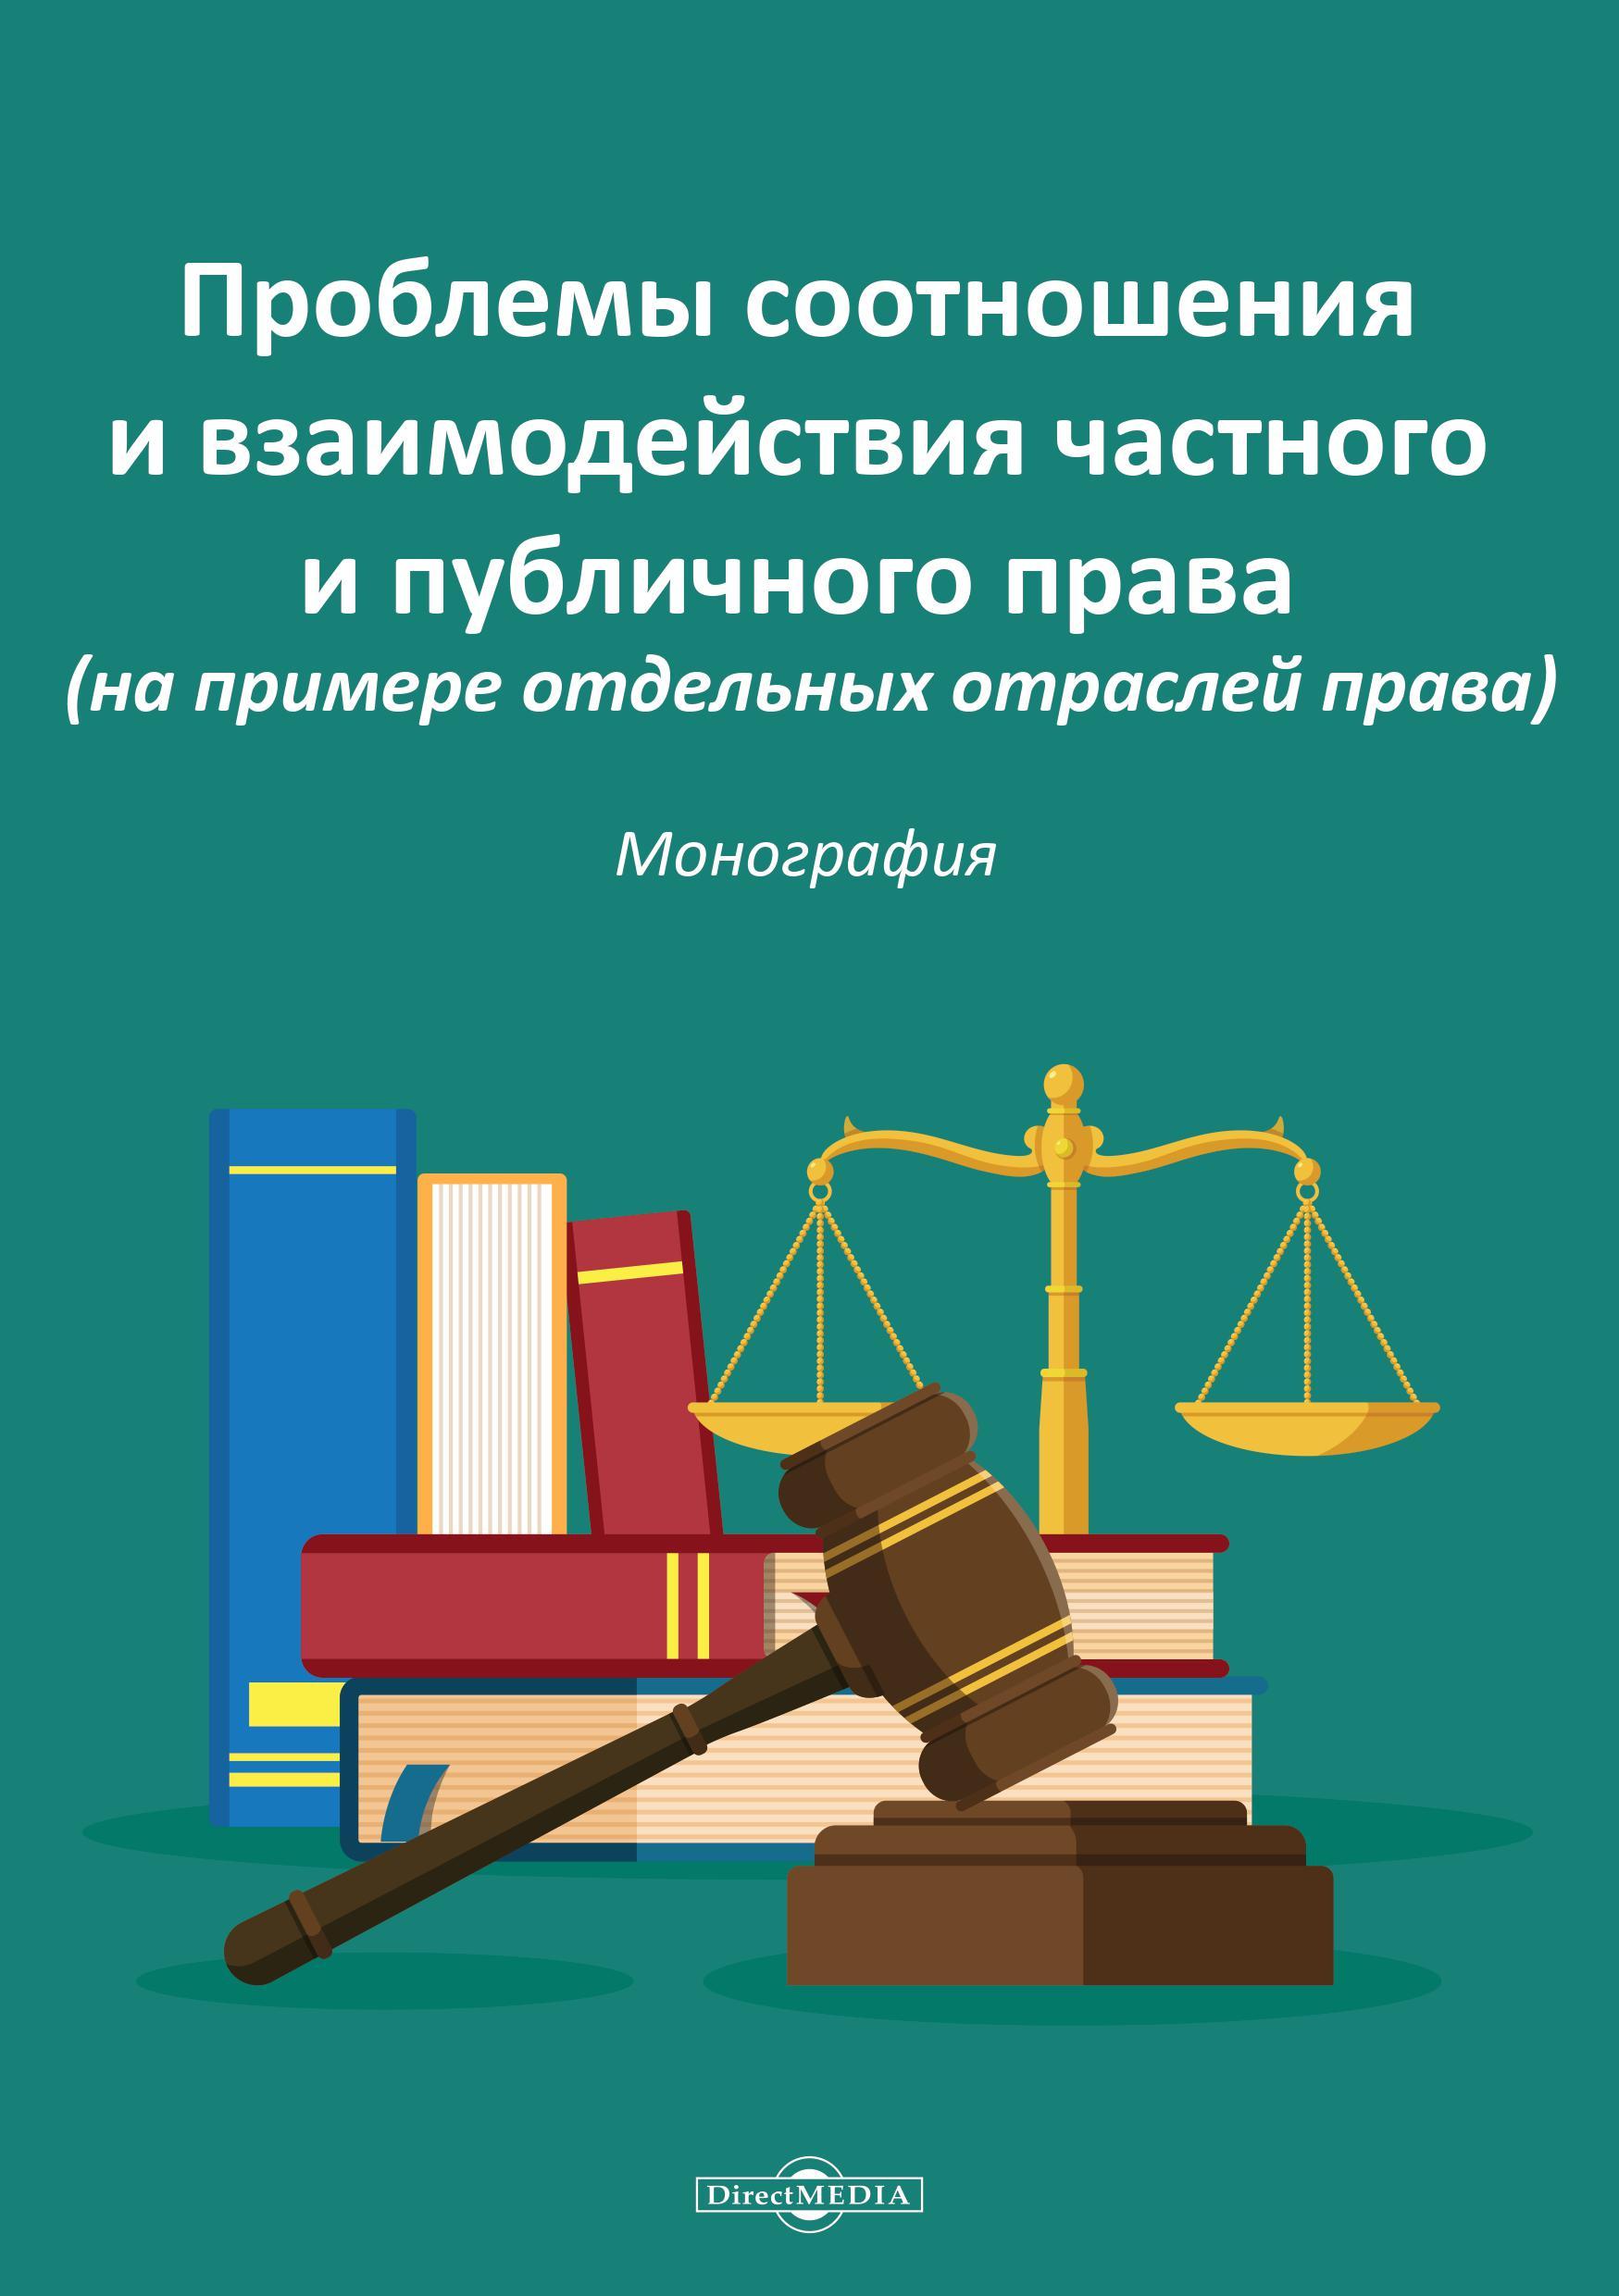 Проблемы соотношения и взаимодействия частного и публичного права (на примере отдельных отраслей права)